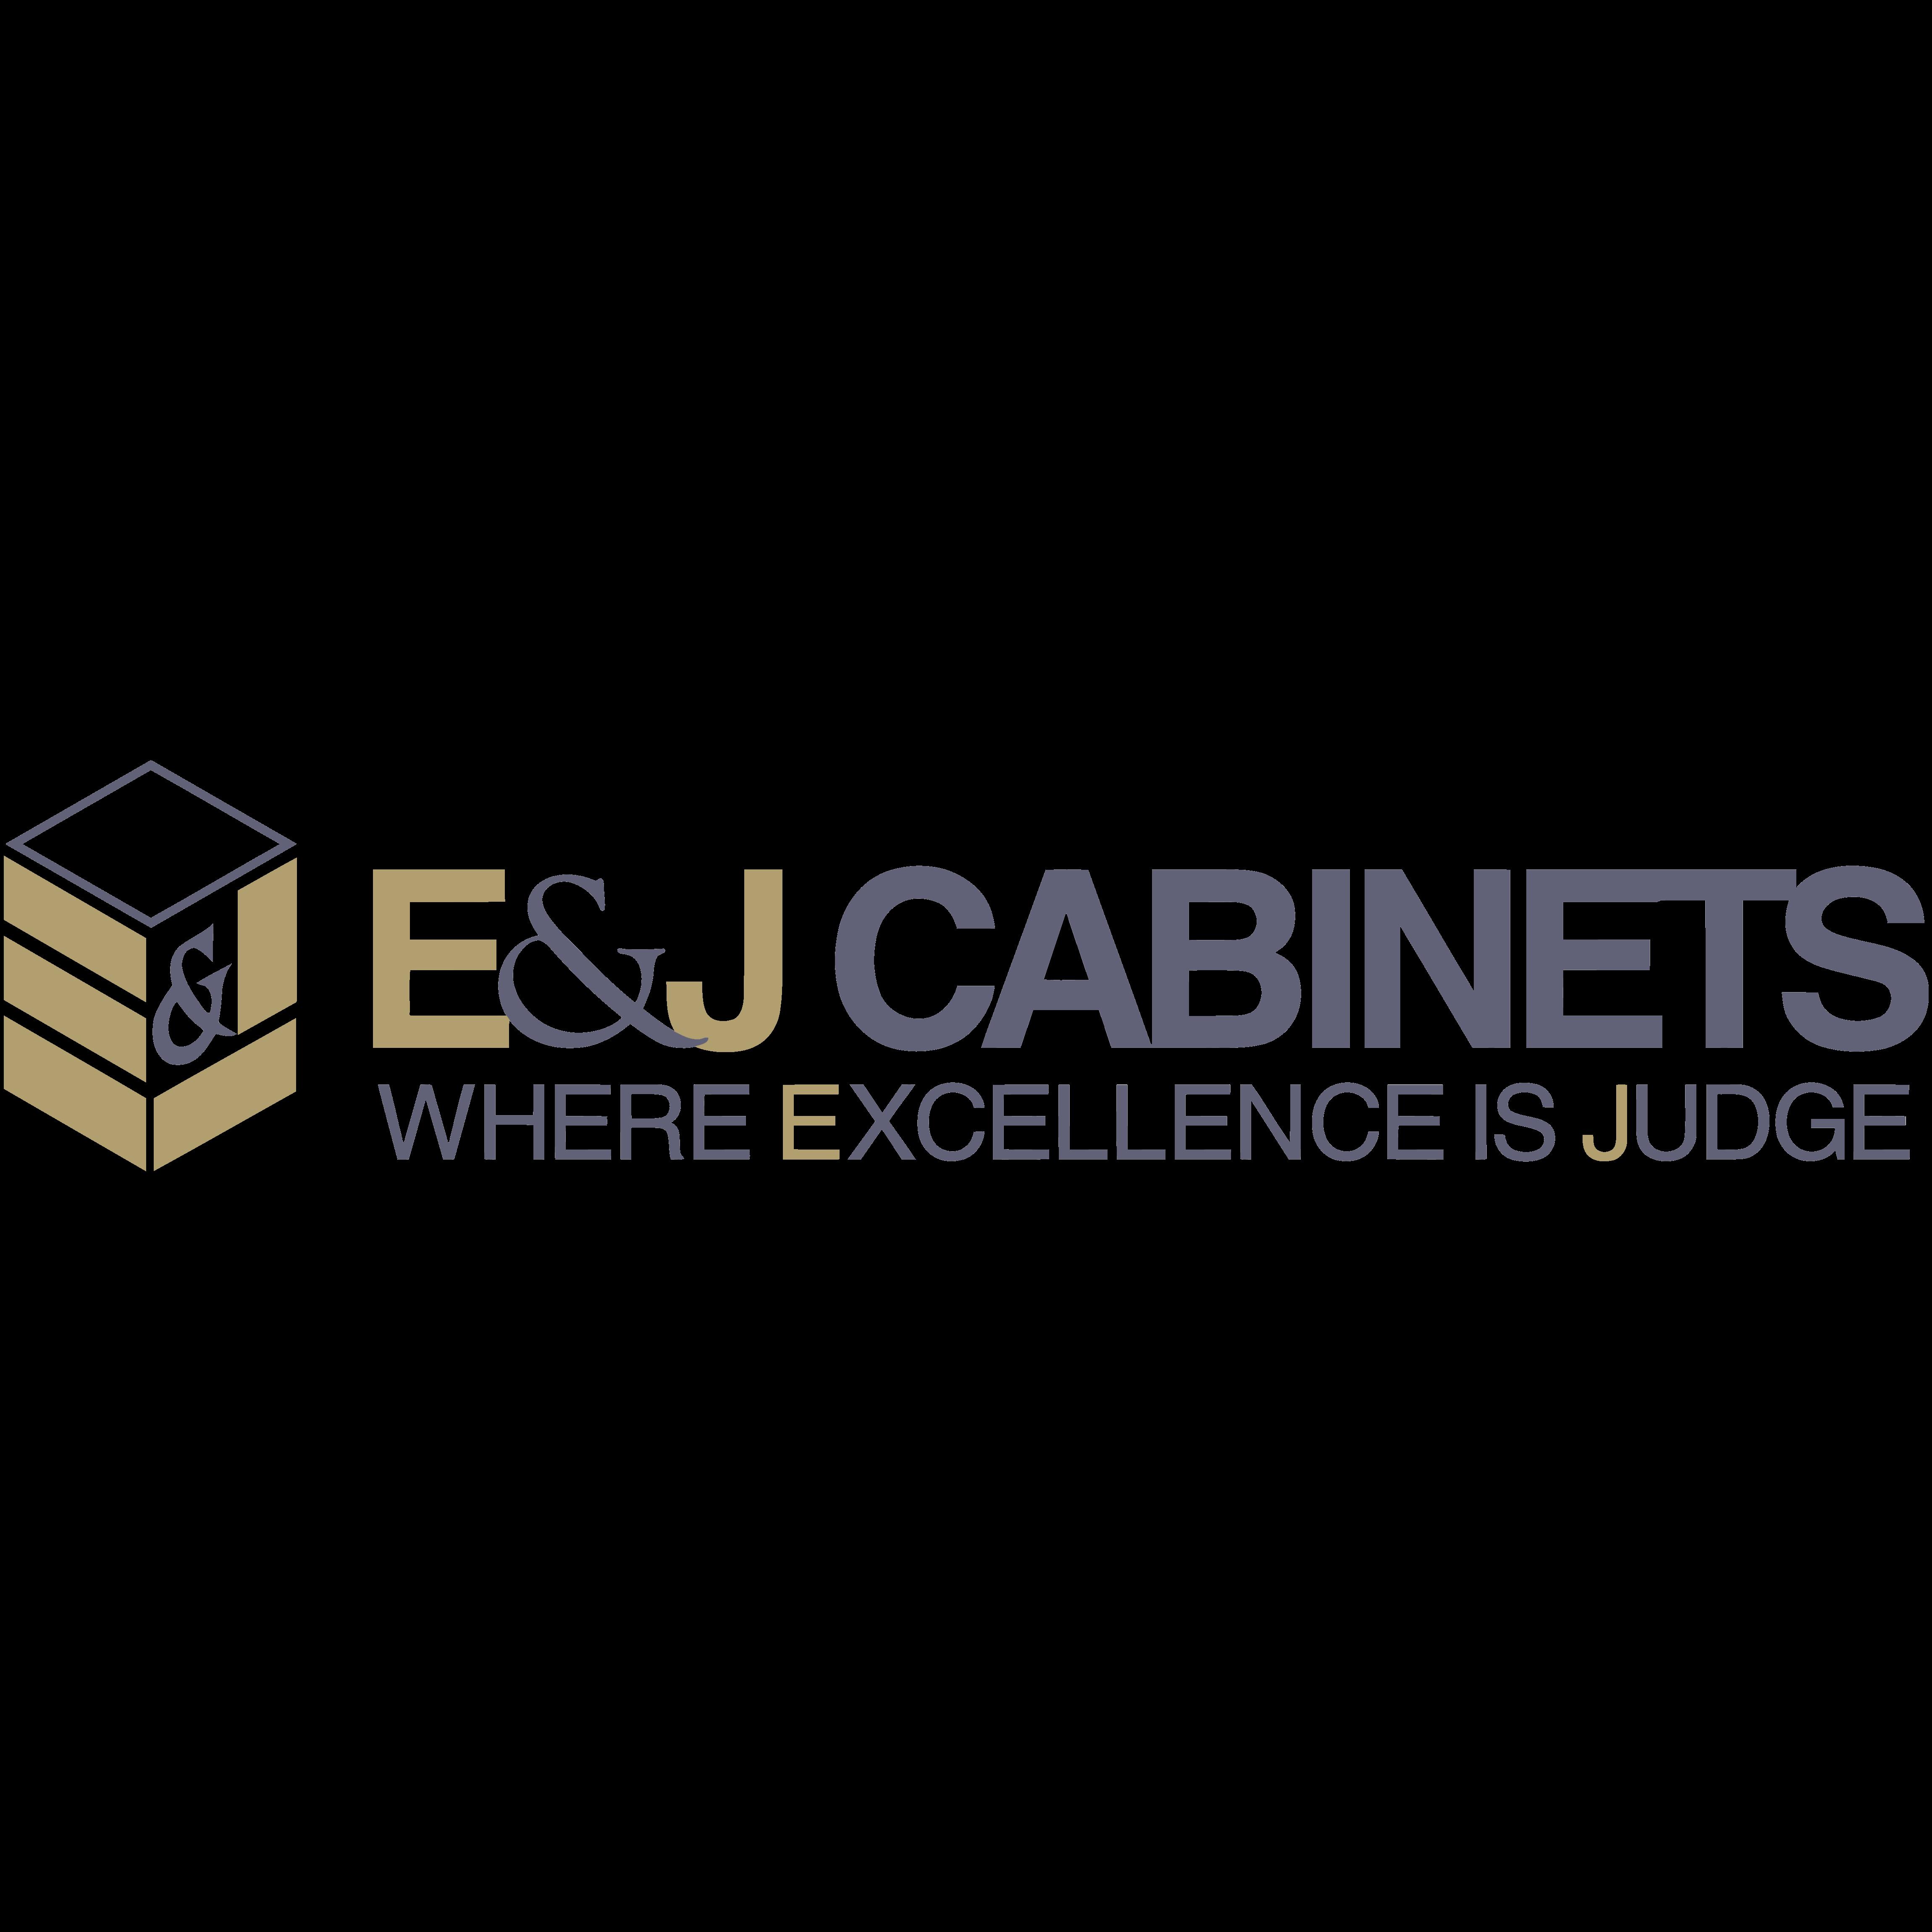 E & J Cabinets